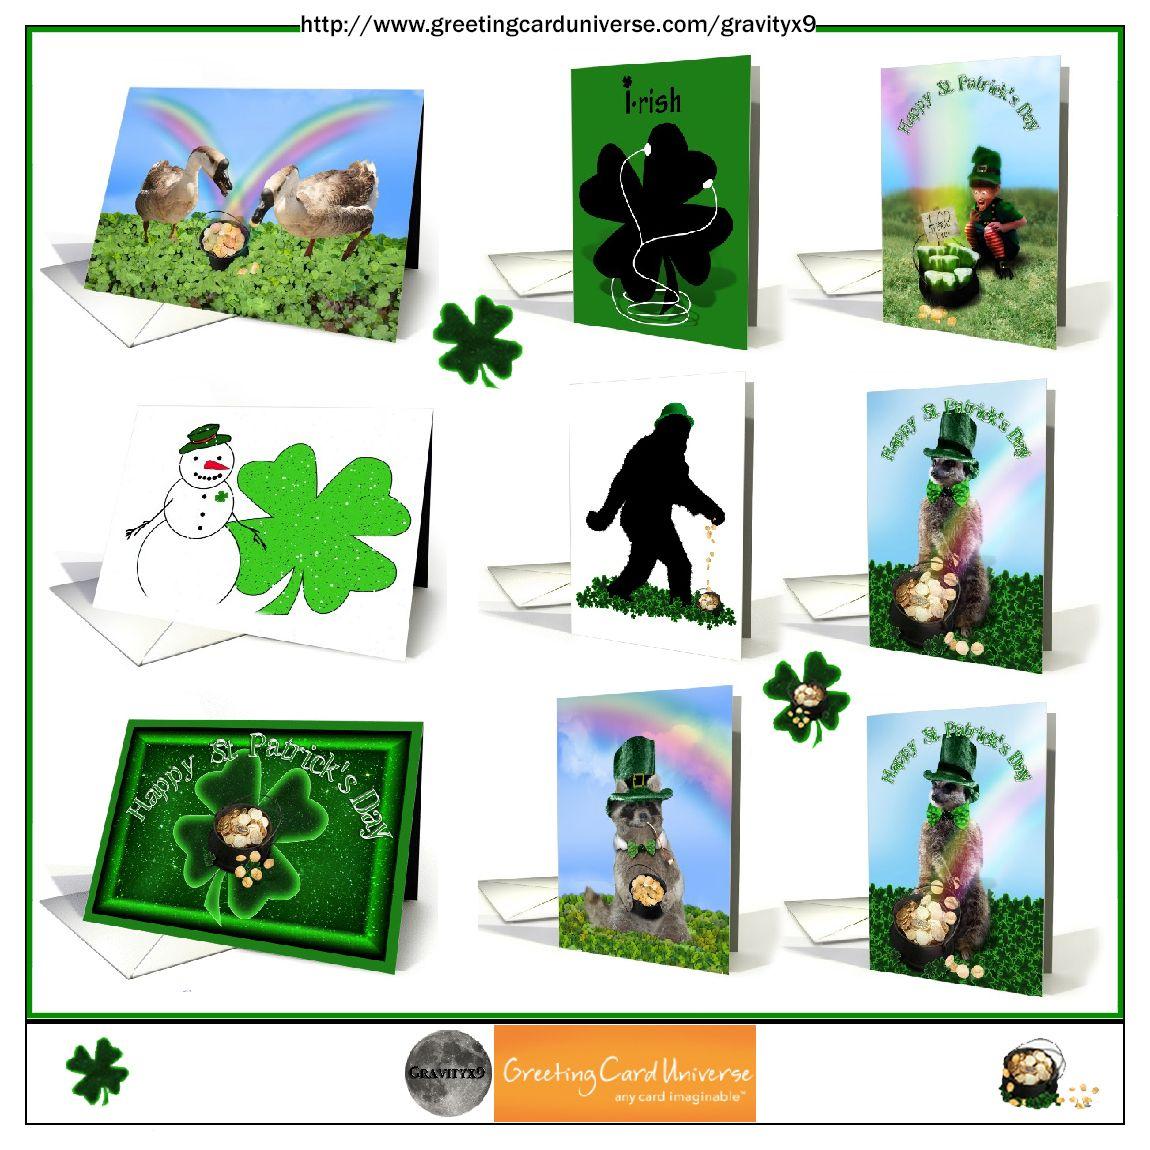 Happy St Patricks Day Cards At Greetingcarduniverse Many